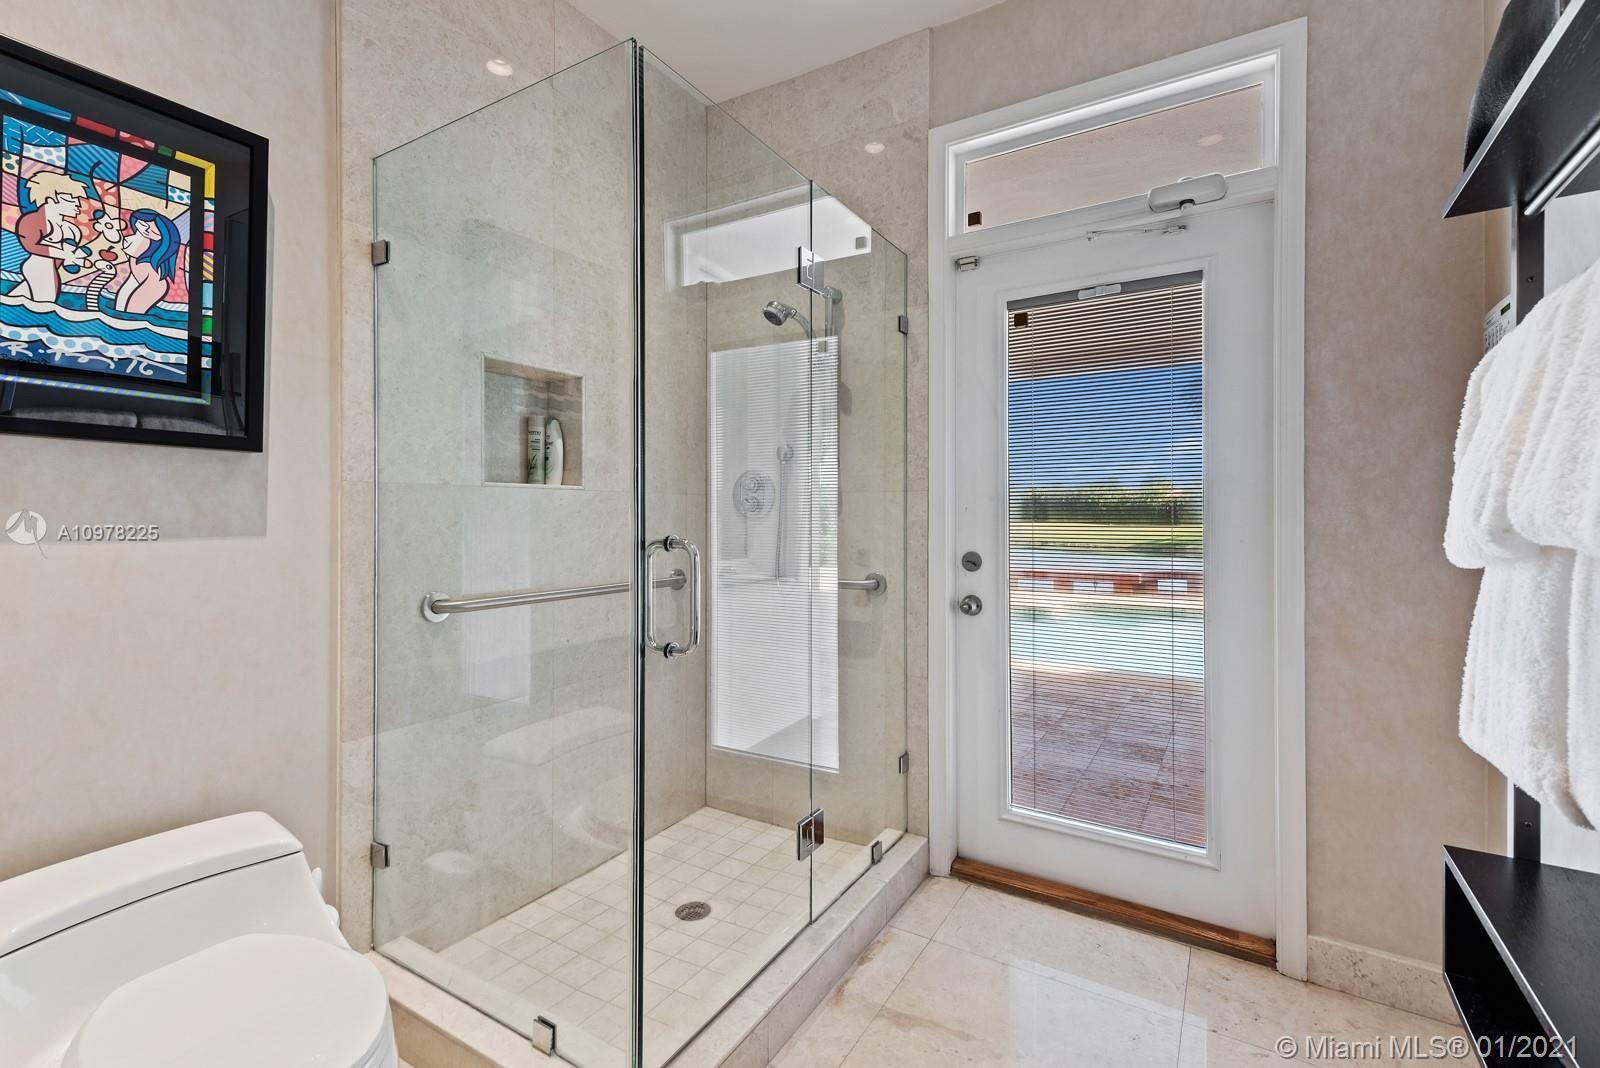 Cabana Full Bathroom